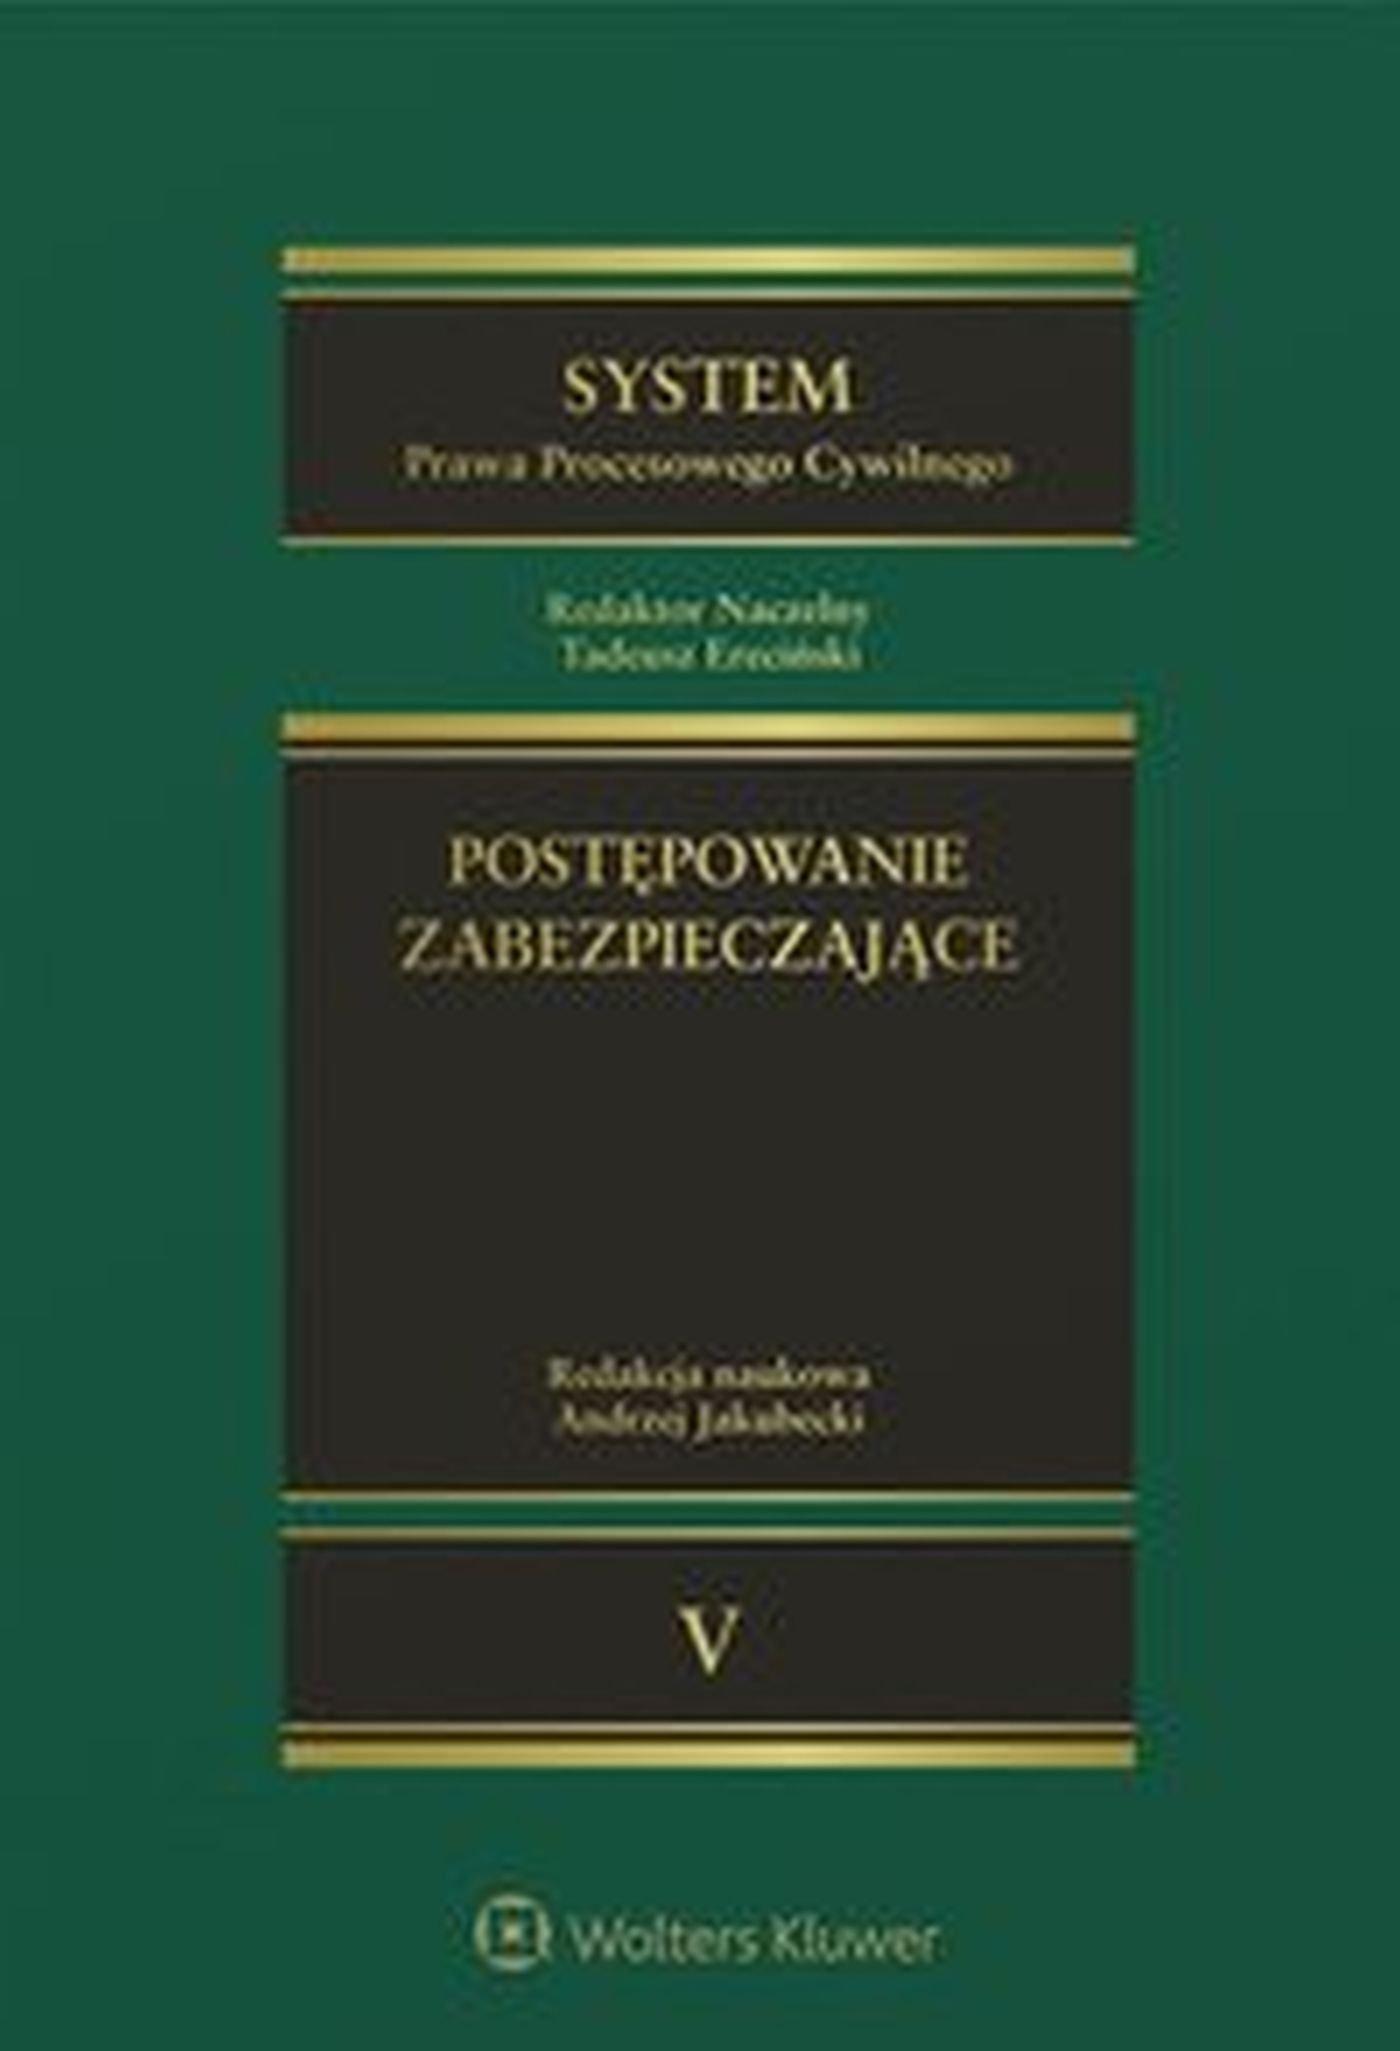 System Prawa Procesowego Cywilnego. TOM 5. Postępowanie zabezpieczające - Ebook (Książka EPUB) do pobrania w formacie EPUB